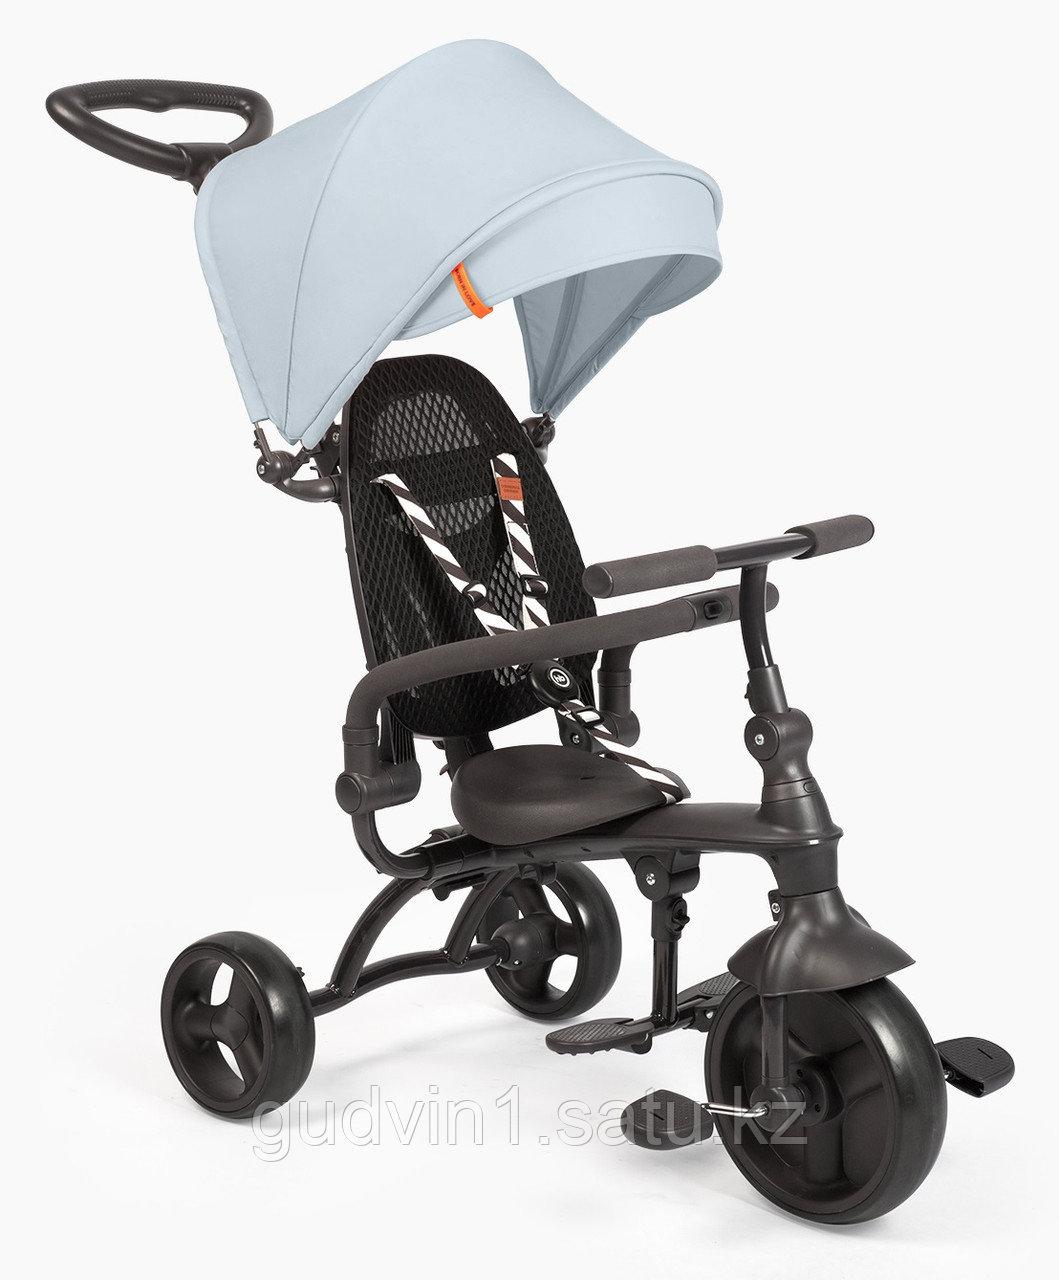 Велосипед Happy Baby Mercury Azure